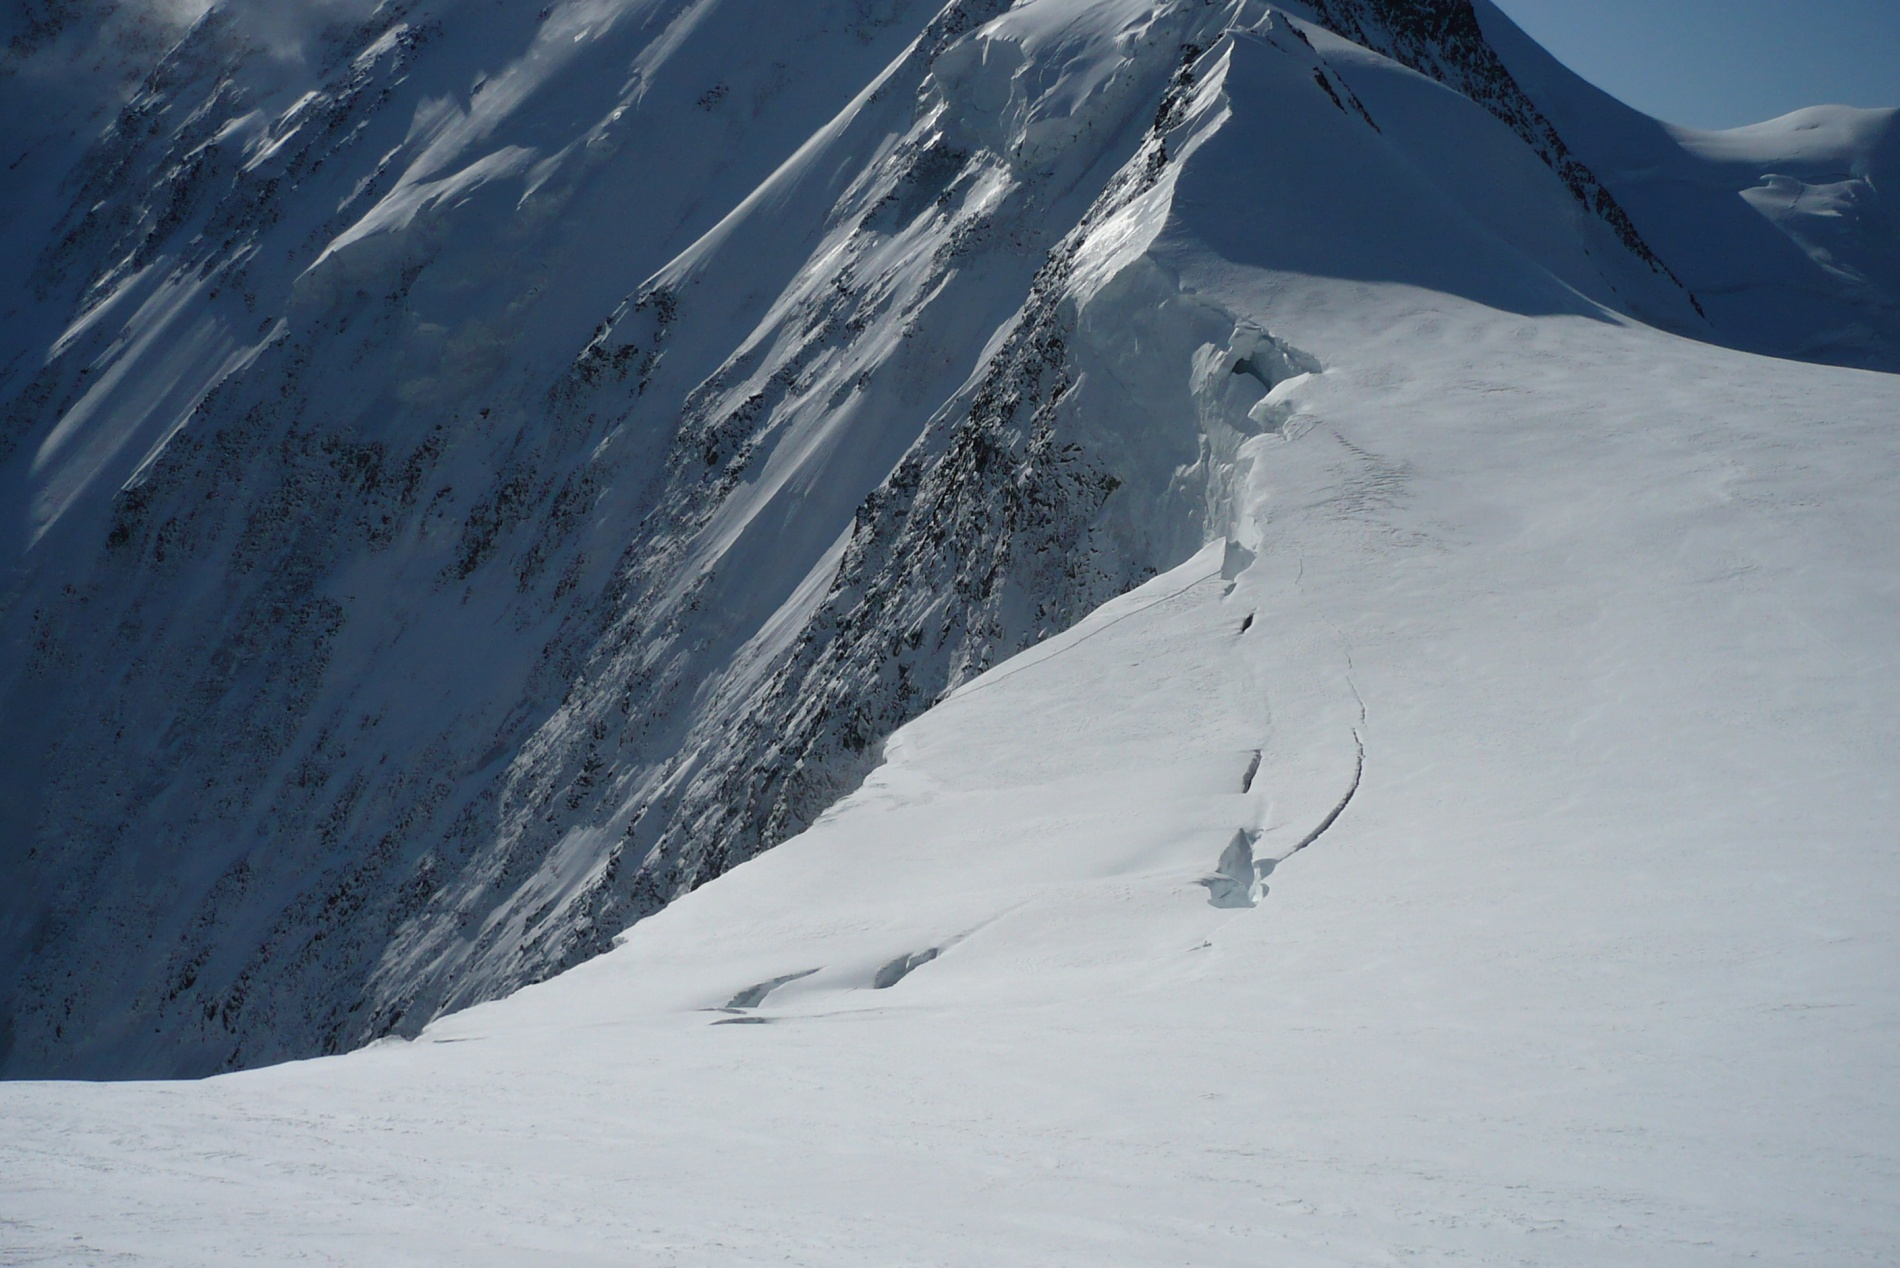 Ледник с плато сползает на стену и периодически с грохотом отрываются тысячи тонн льда